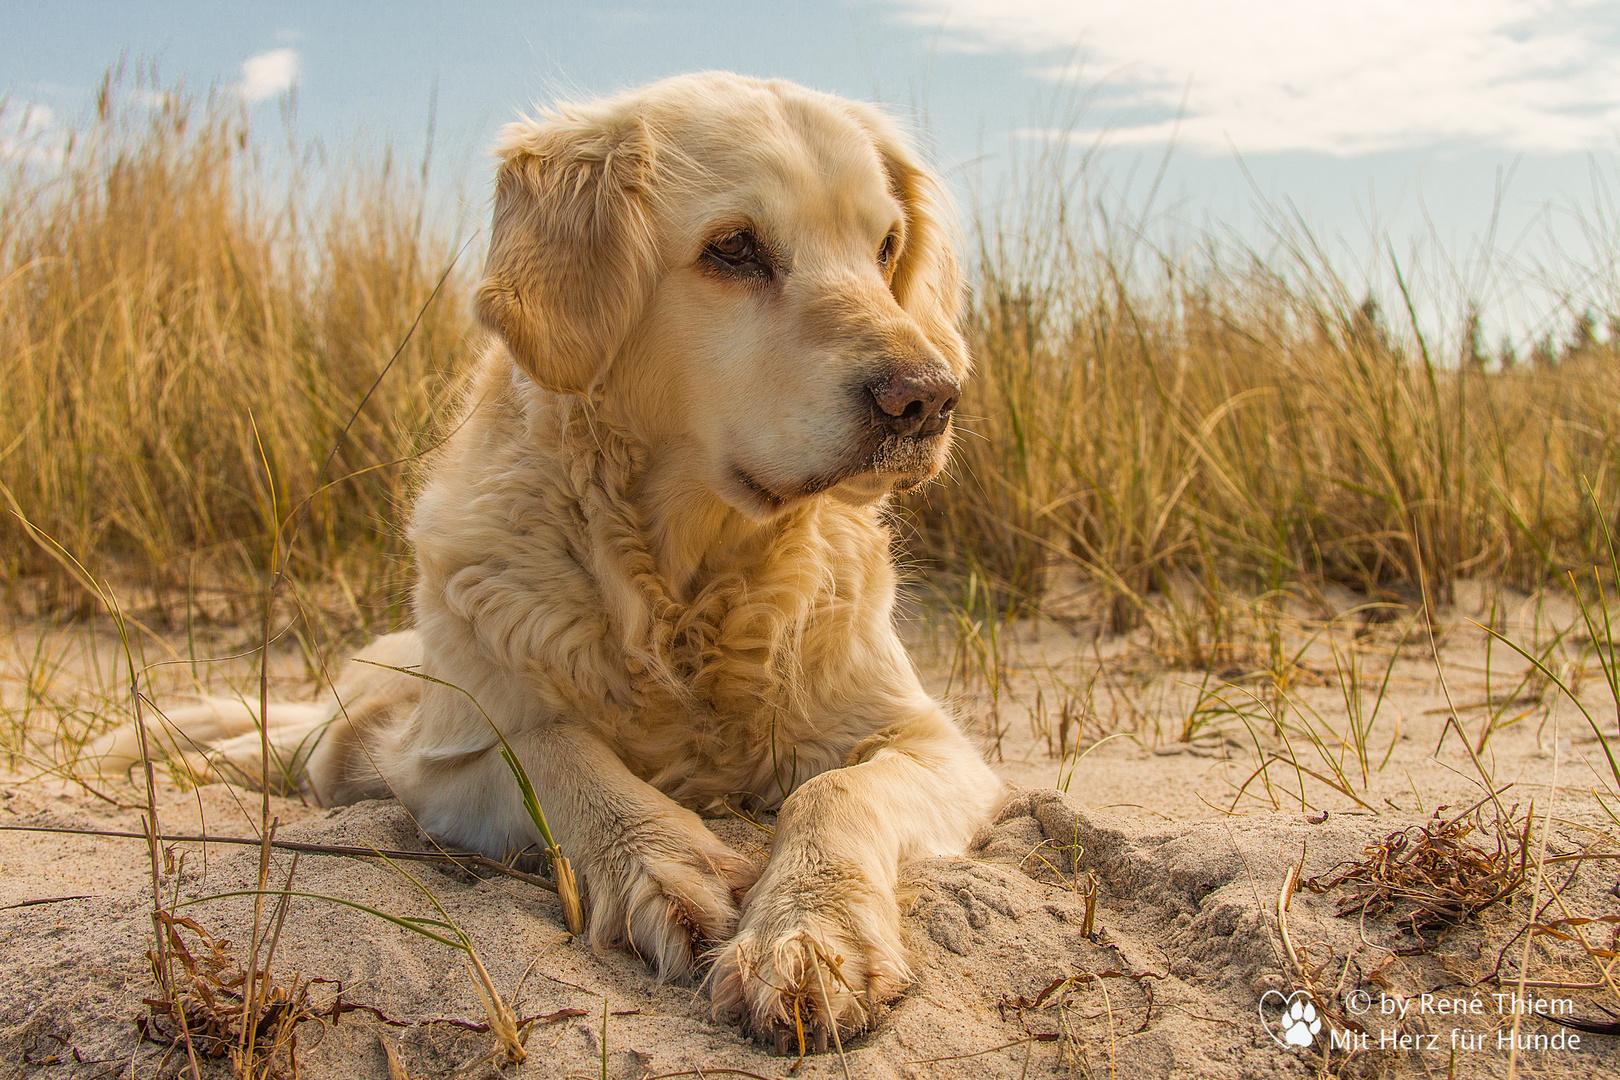 hunde bilder golden retriever  vorlagen zum ausmalen